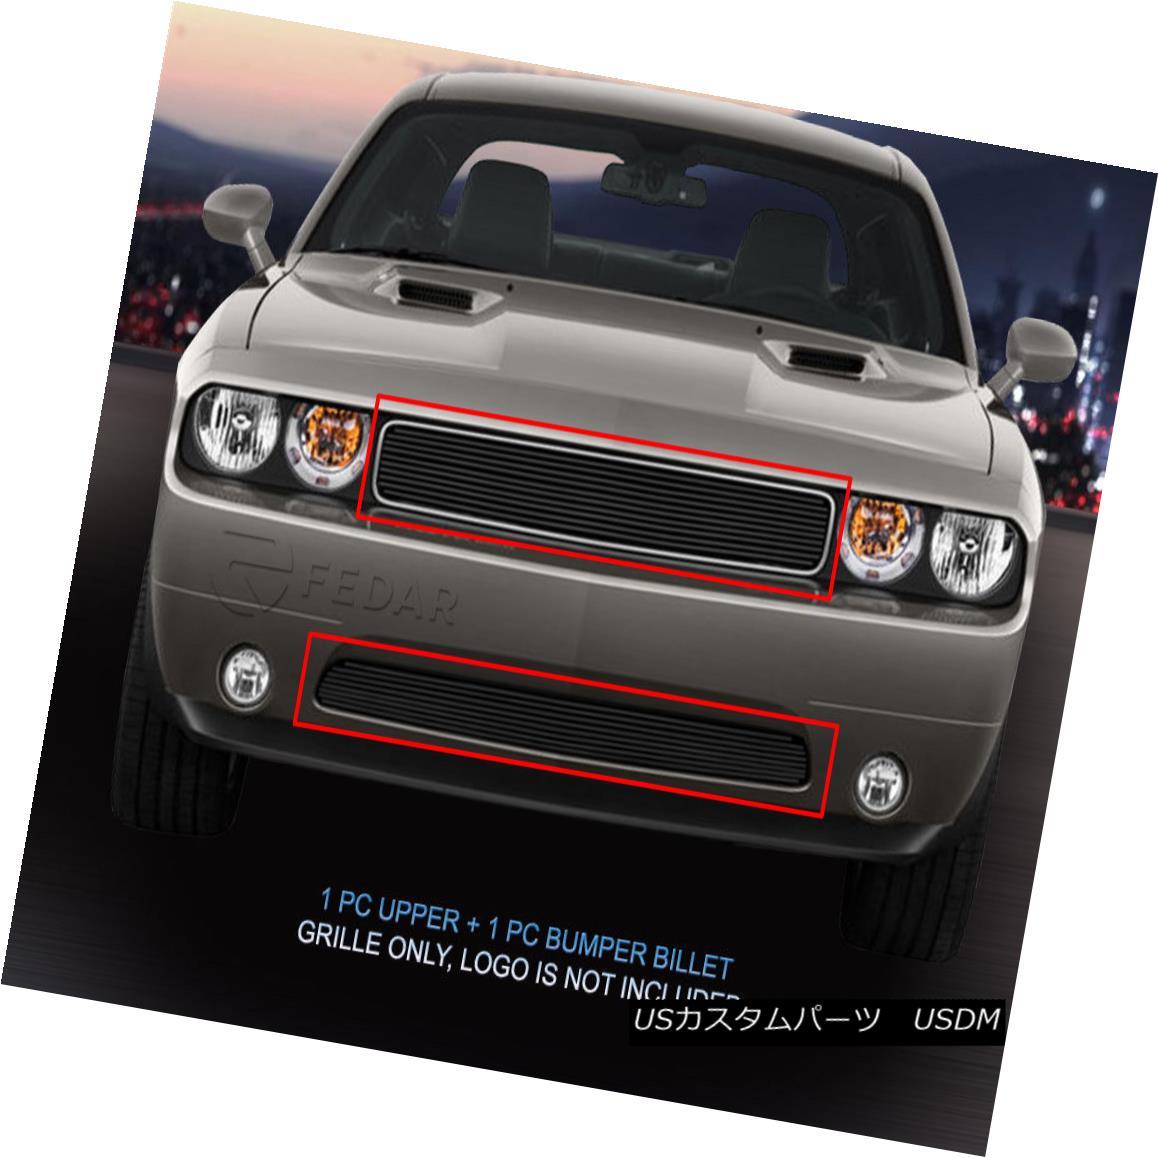 グリル Fedar Fits 09-14 Dodge Challenger Combo Black Billet Grille Overlay Fedar Fits 09-14ダッジチャレンジャーコンボブラックビレットグリルオーバーレイ